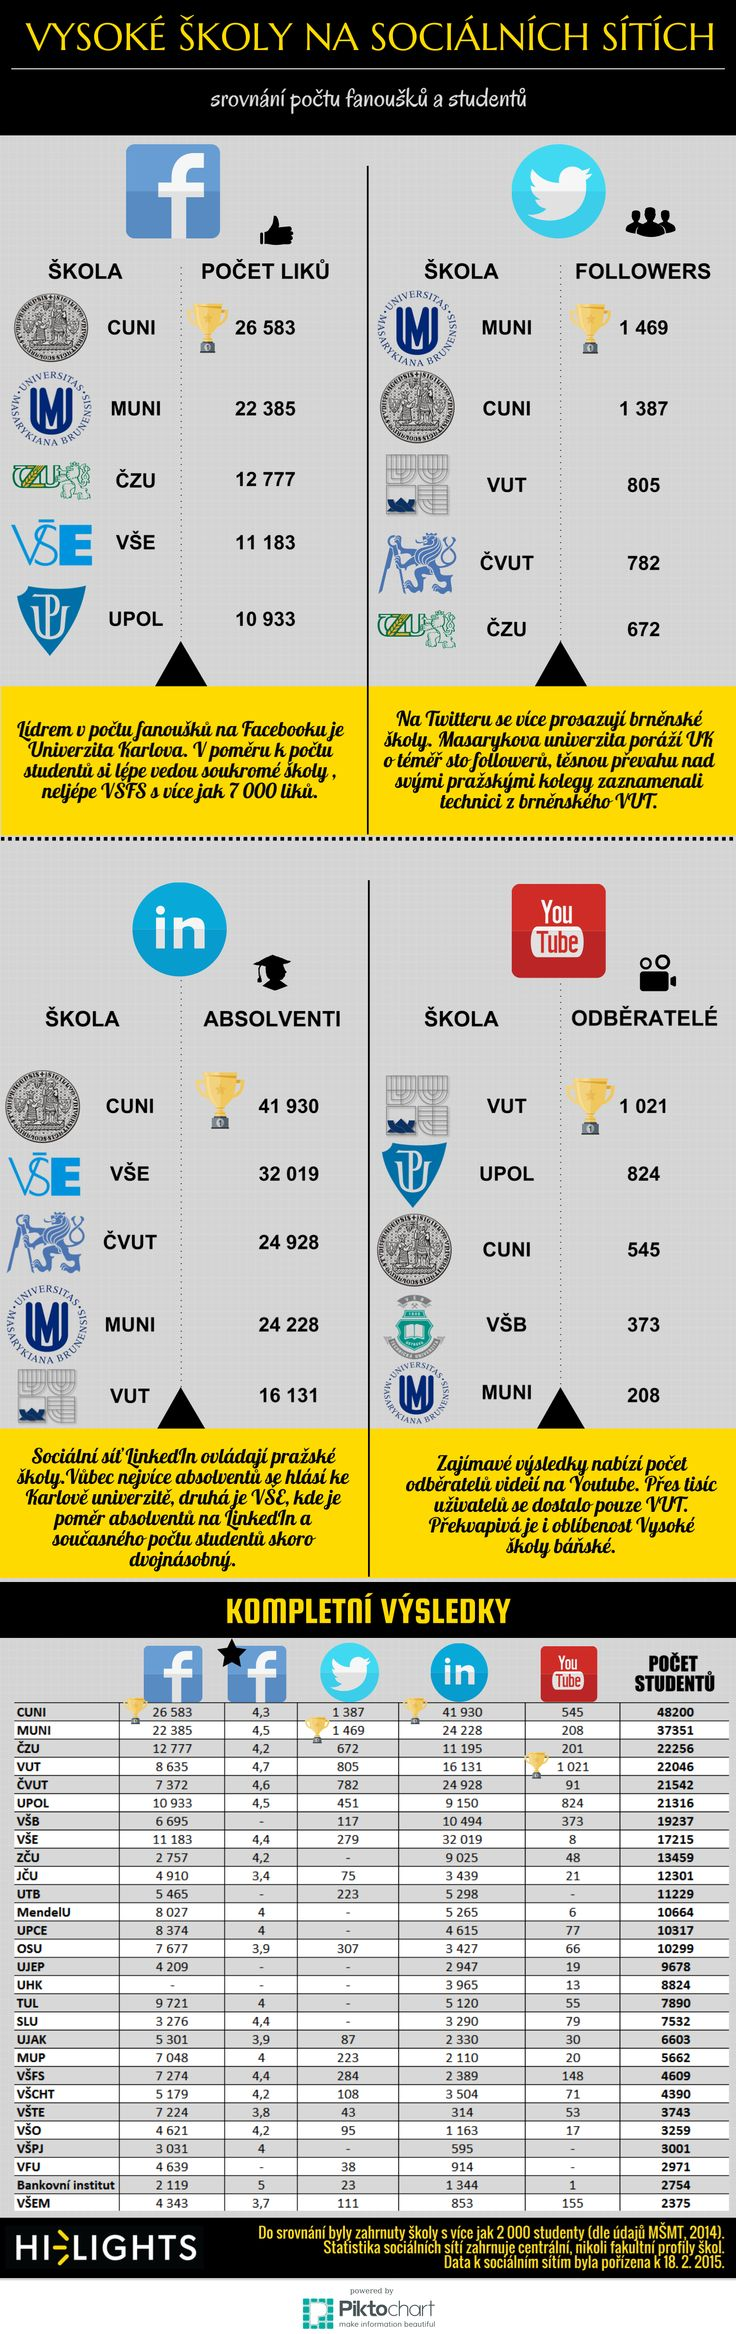 Infografika srovnávající úspěšnost českých vysokých škol na sociálních sítích a zohledňující i počet studentů - aktualizovaná verze